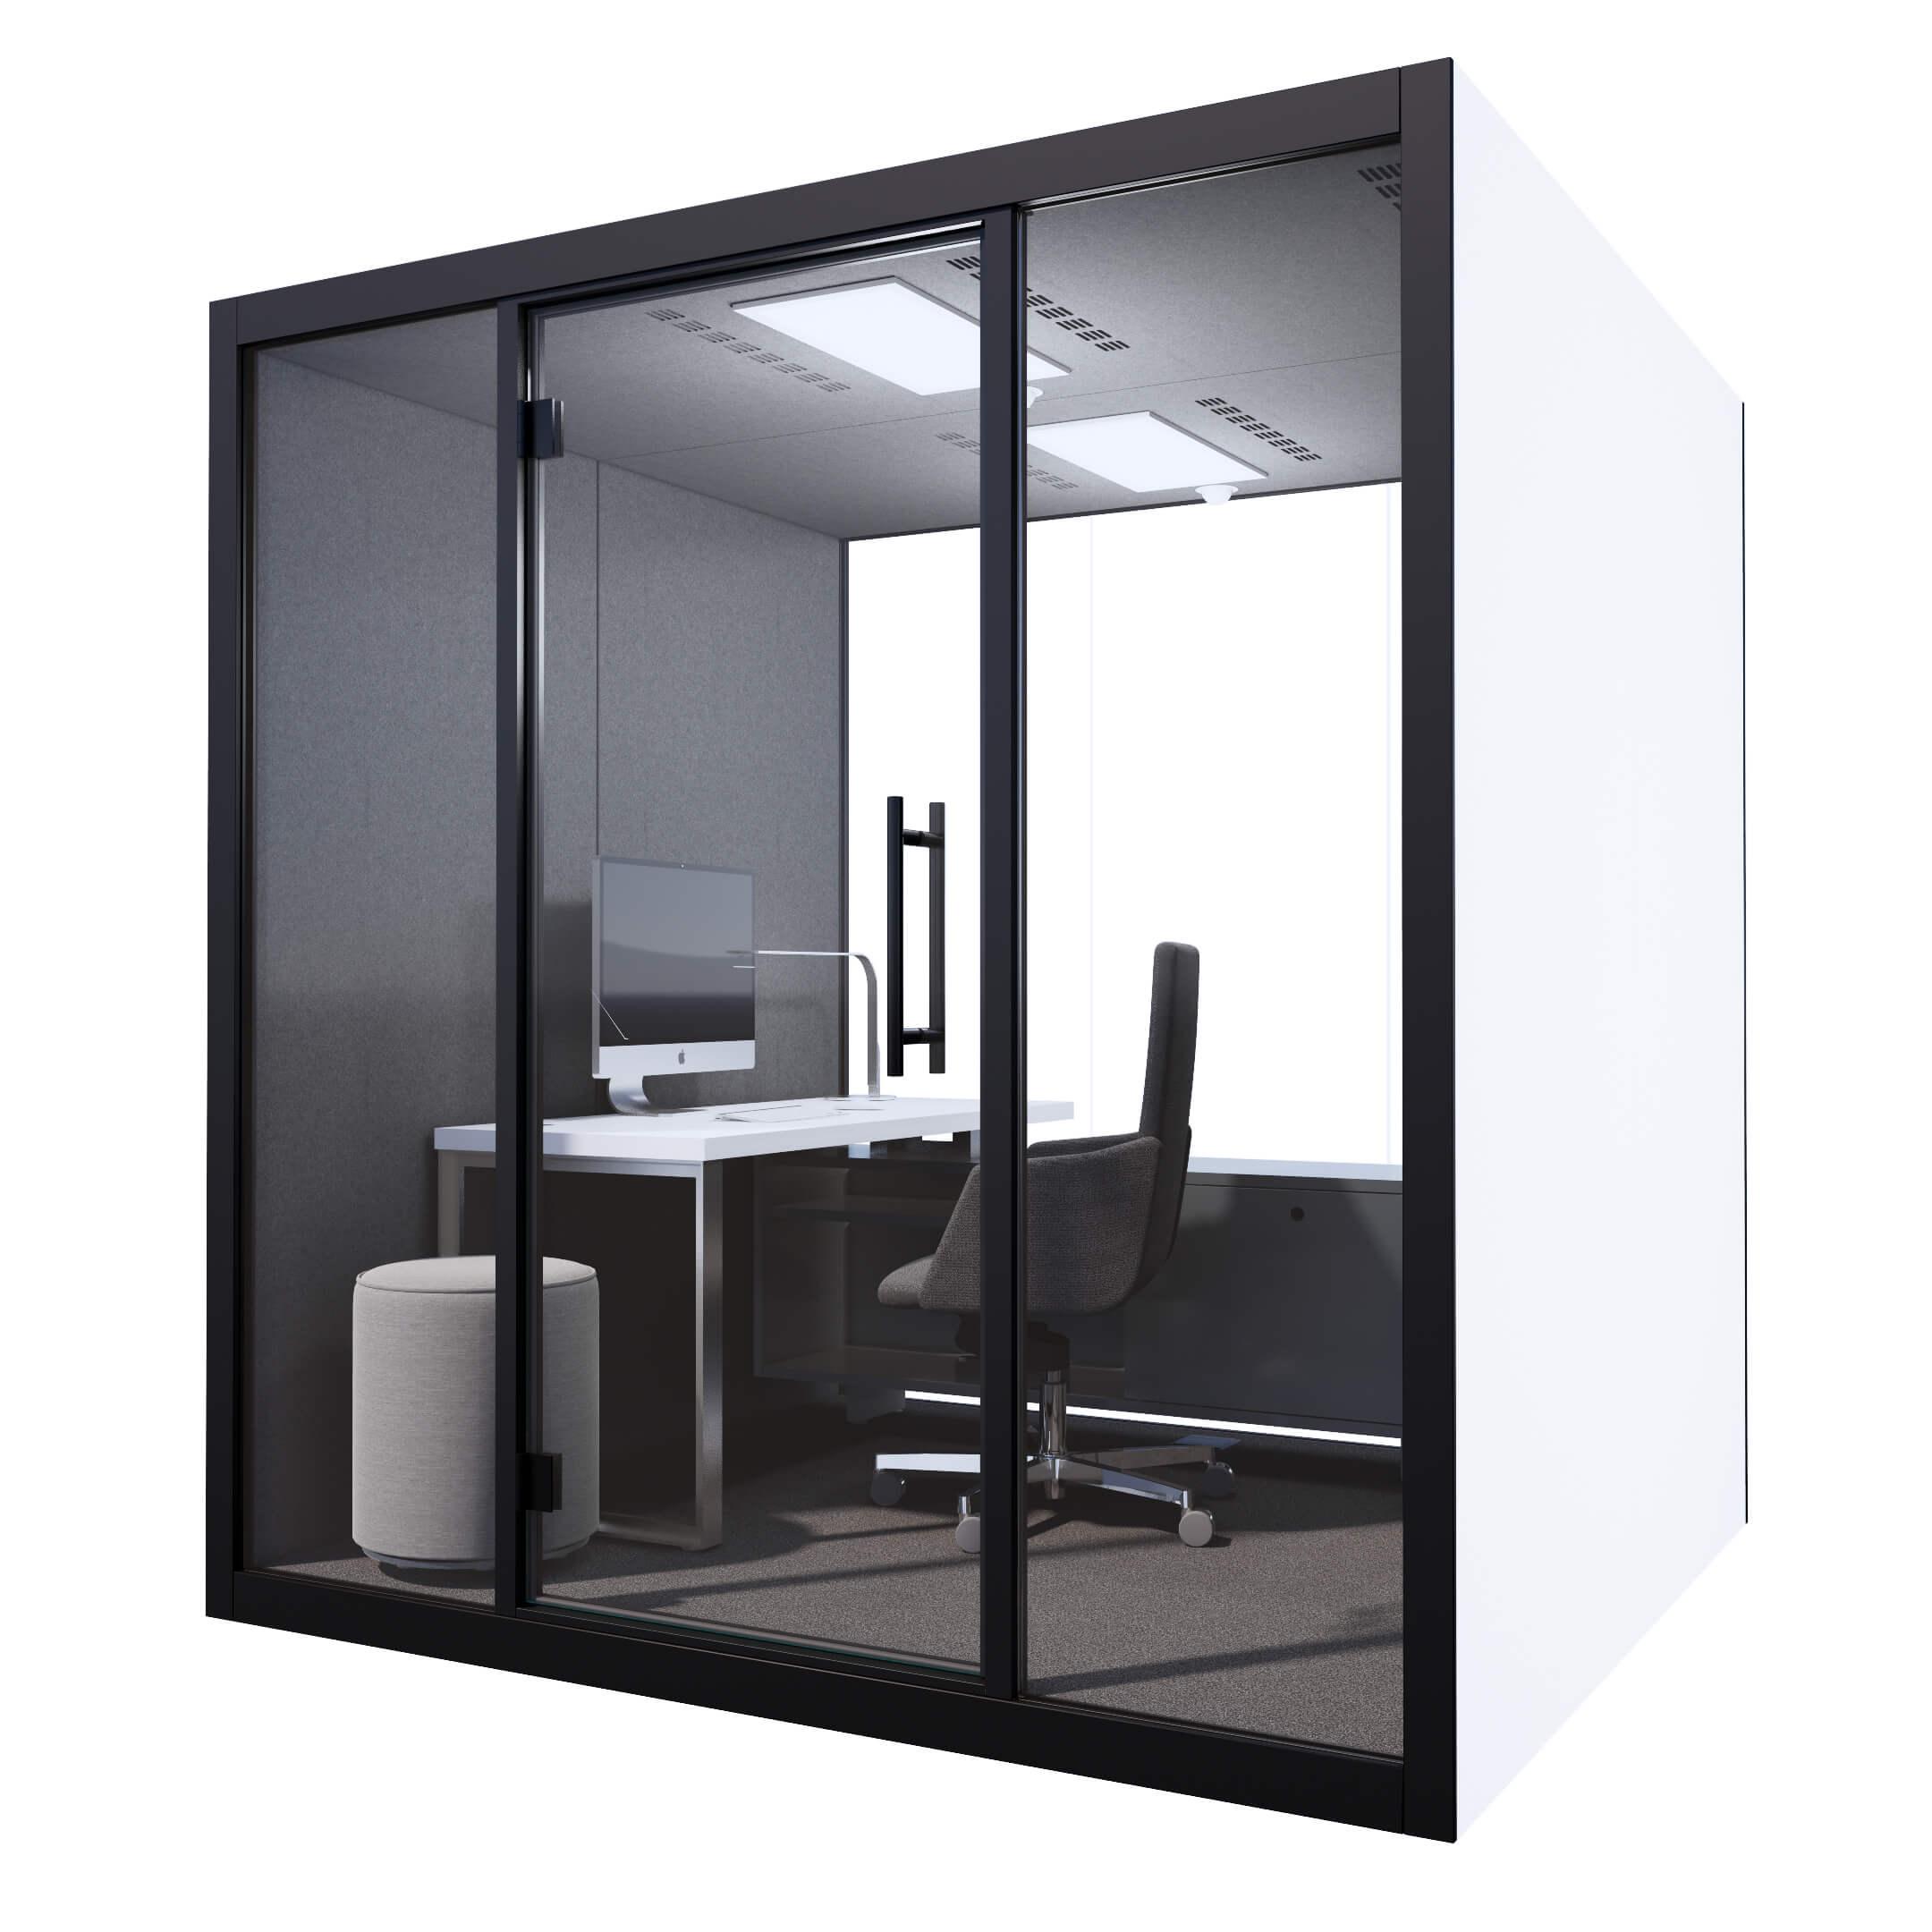 CHATBOX QUATTRO-PRIVATE OFFICE